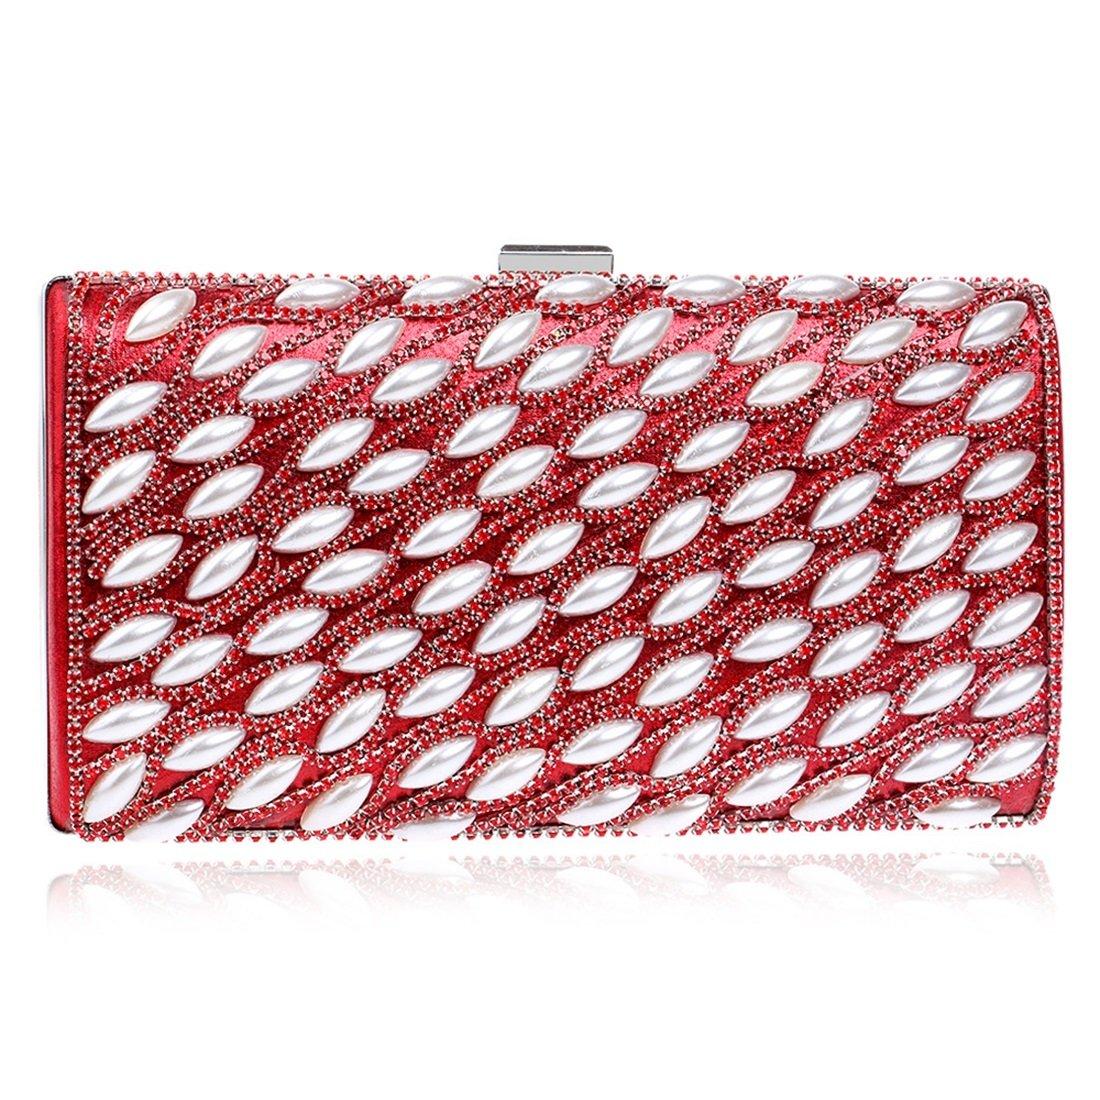 Lightlila Weibliche Perle Dinner Package Star Wilde Party Abendtasche schöne Nachtclub Clutch (Farbe   rot) B07Q5TZGBD Clutches Sehr praktisch